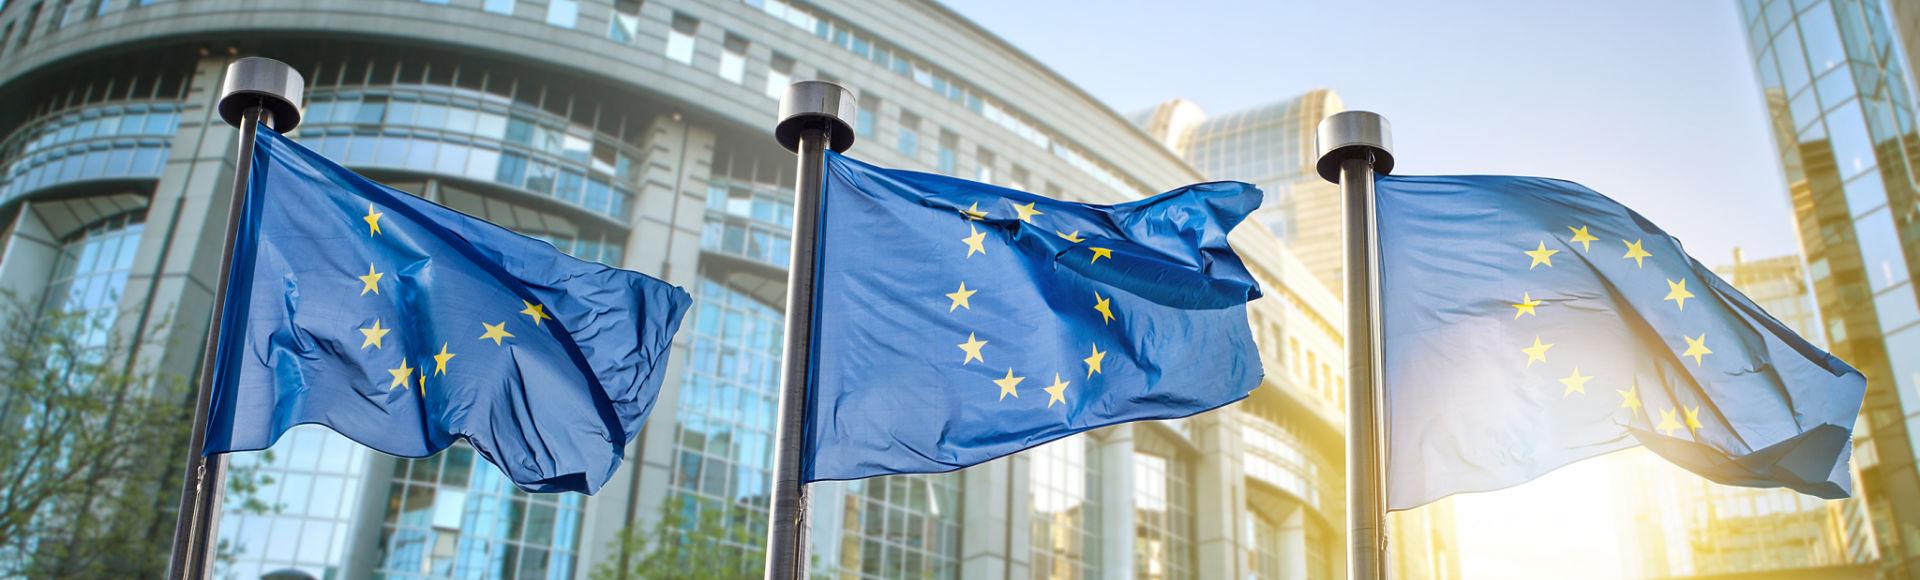 Preocupan las intervenciones gubernamentales a los aseguradores europeos